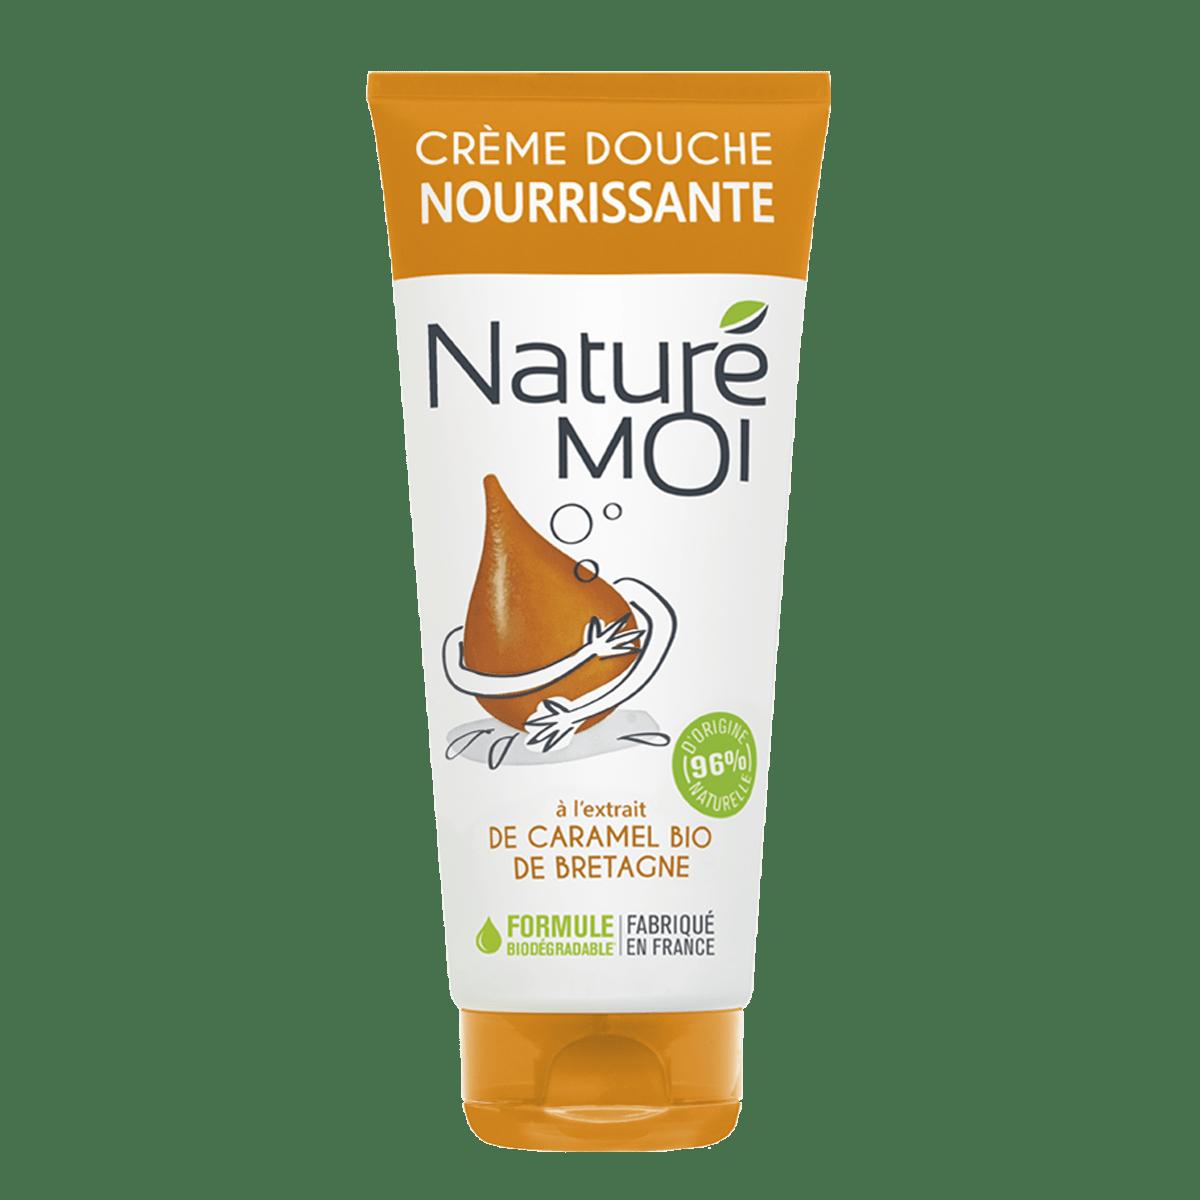 Image Crème Douche Nourrissante Au caramel BIO de Bretagne